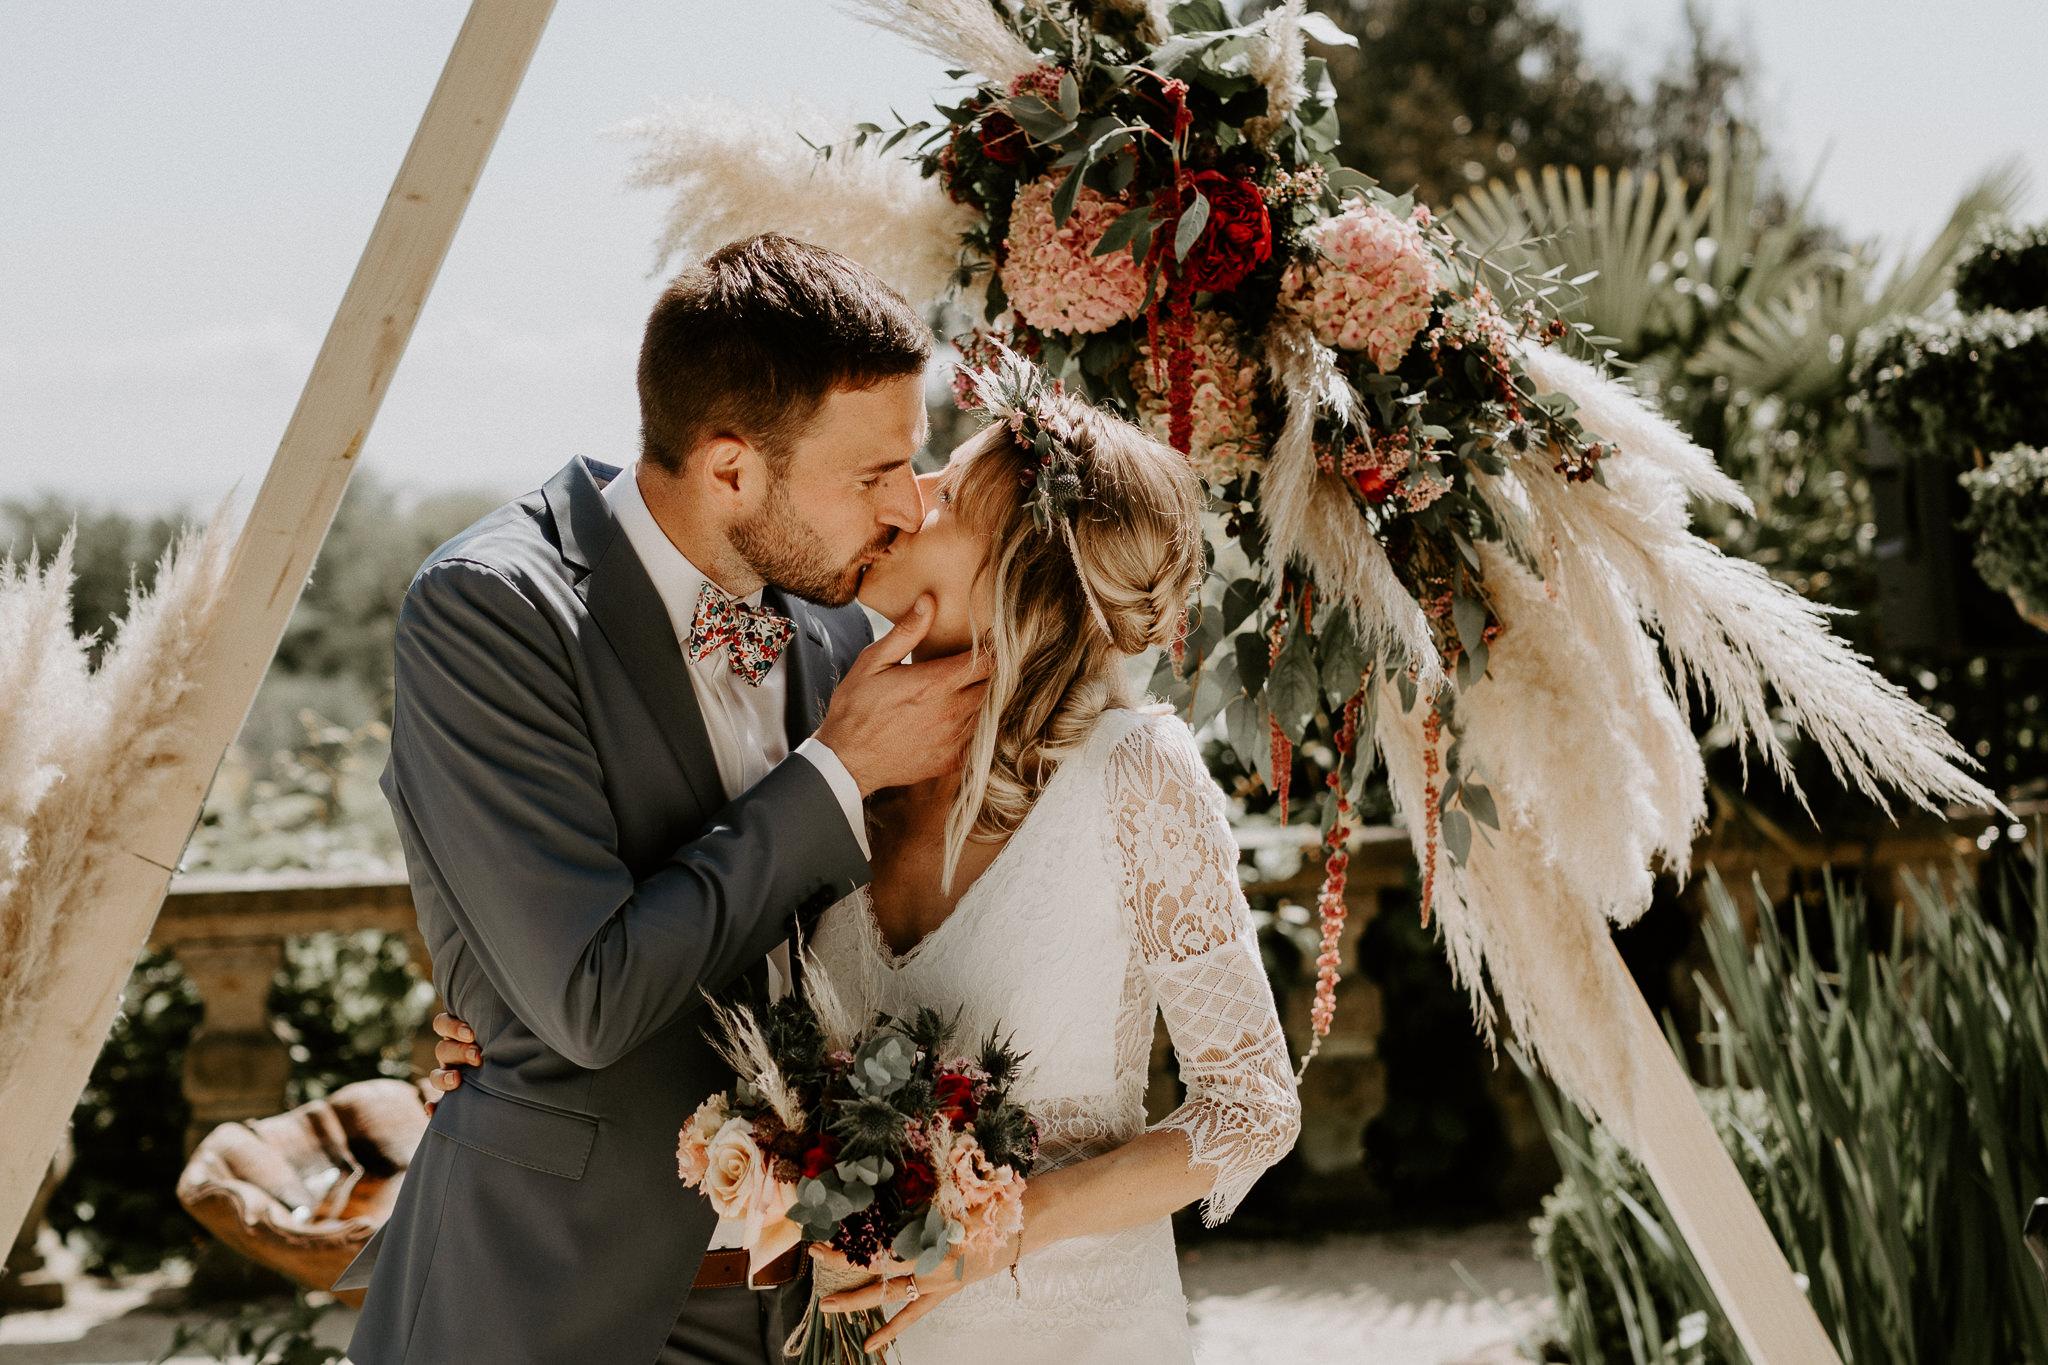 mariage-boheme-folk-corse-photographe-dorotheebuteau-1